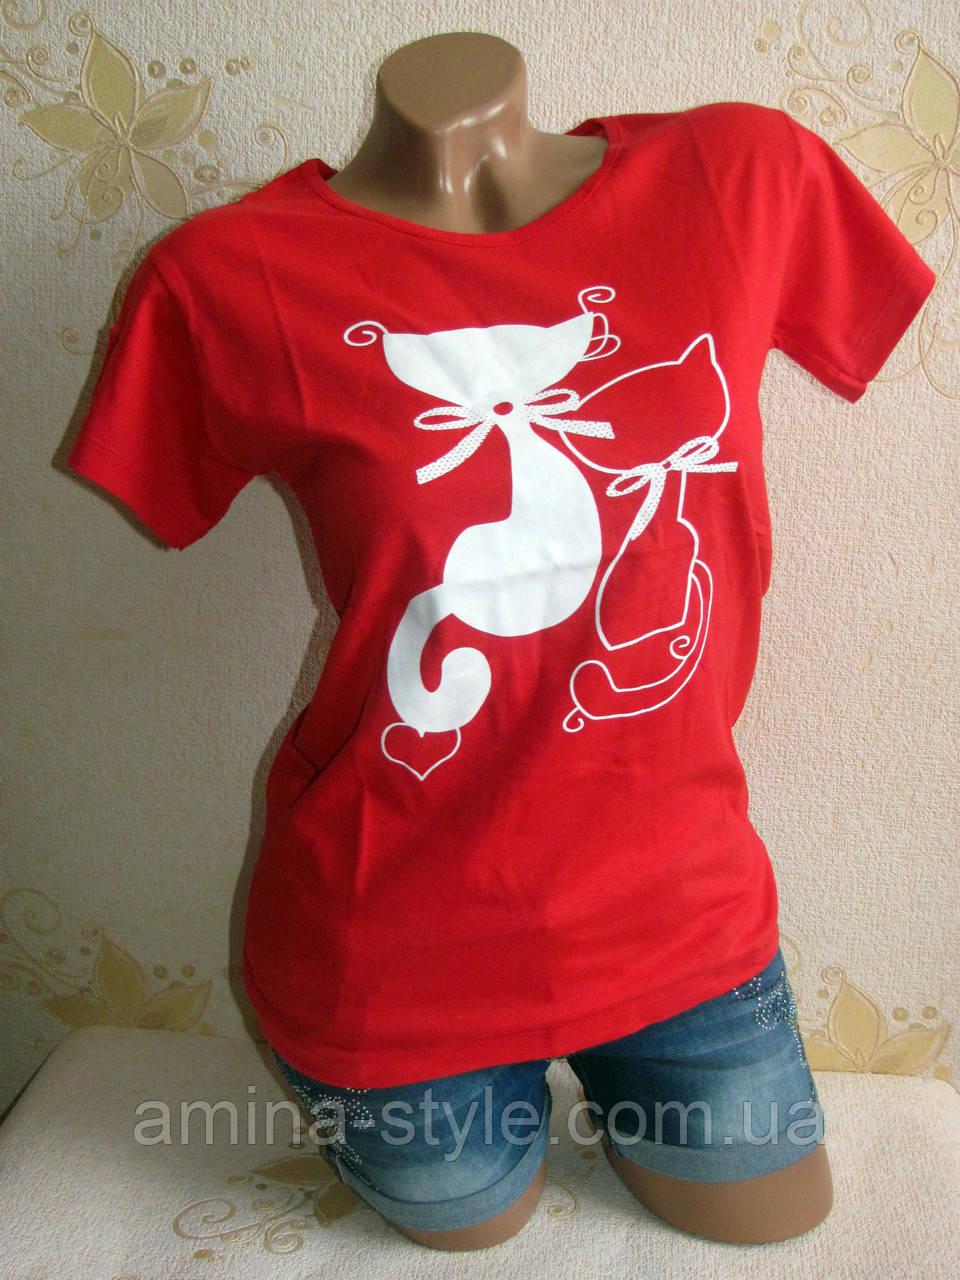 Женская футболка, хлопок.  S(42-44)